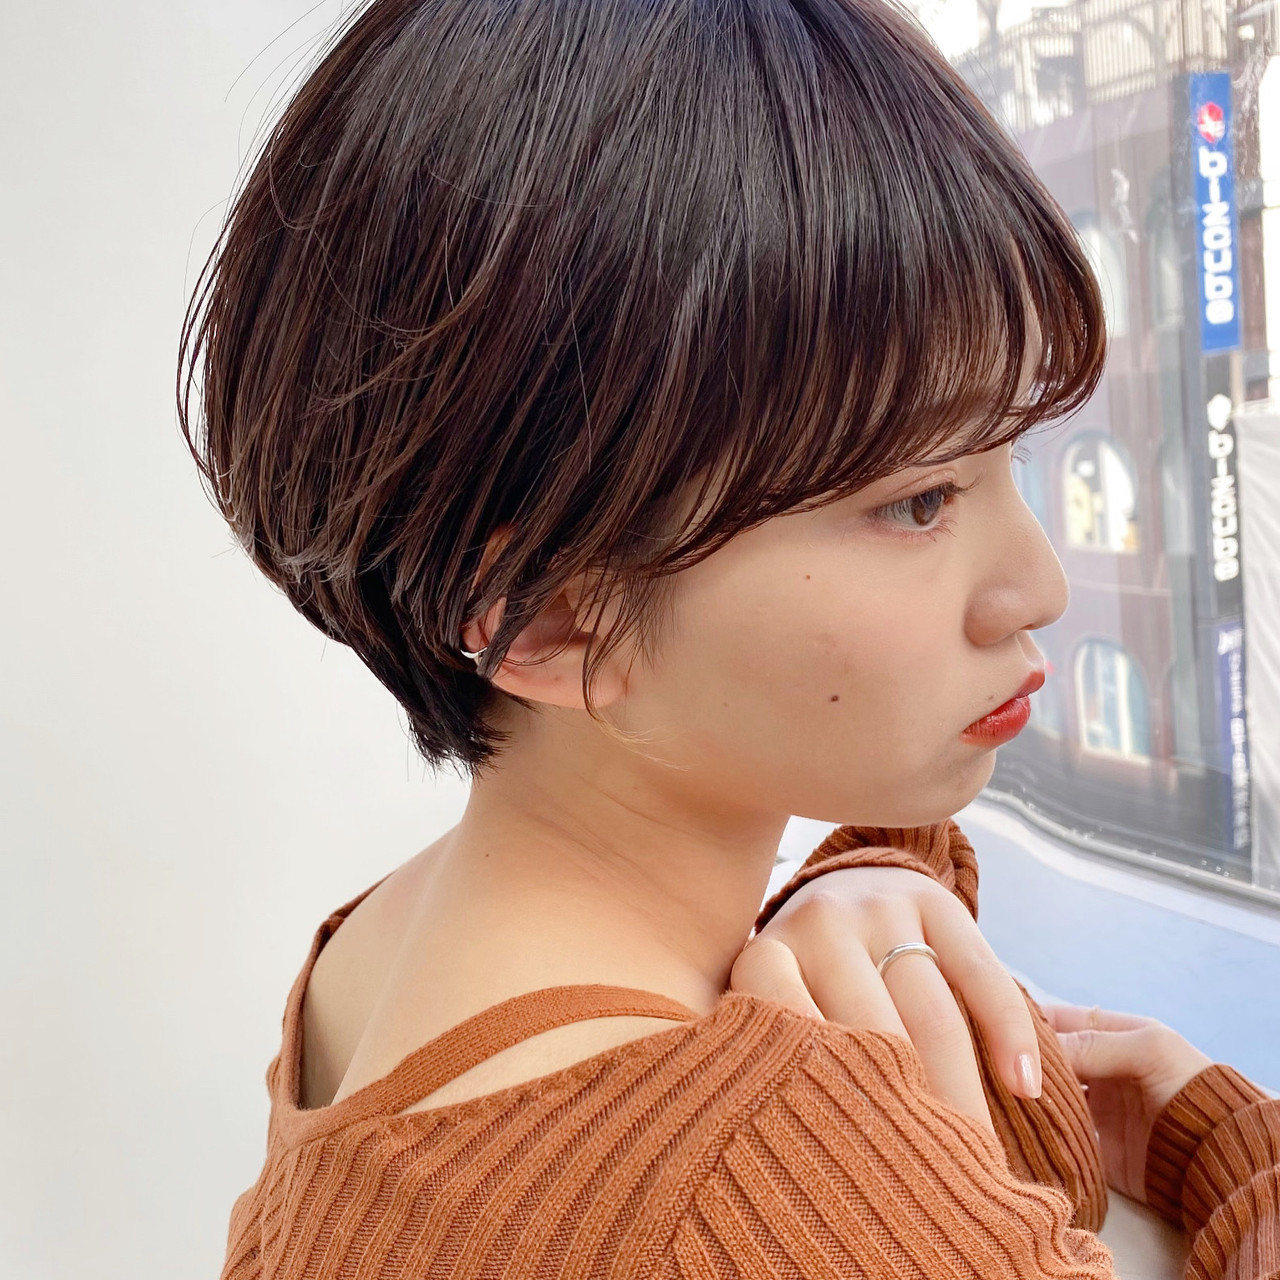 小顔 ベリーショート マッシュショート ショート ヘアスタイルや髪型の写真・画像